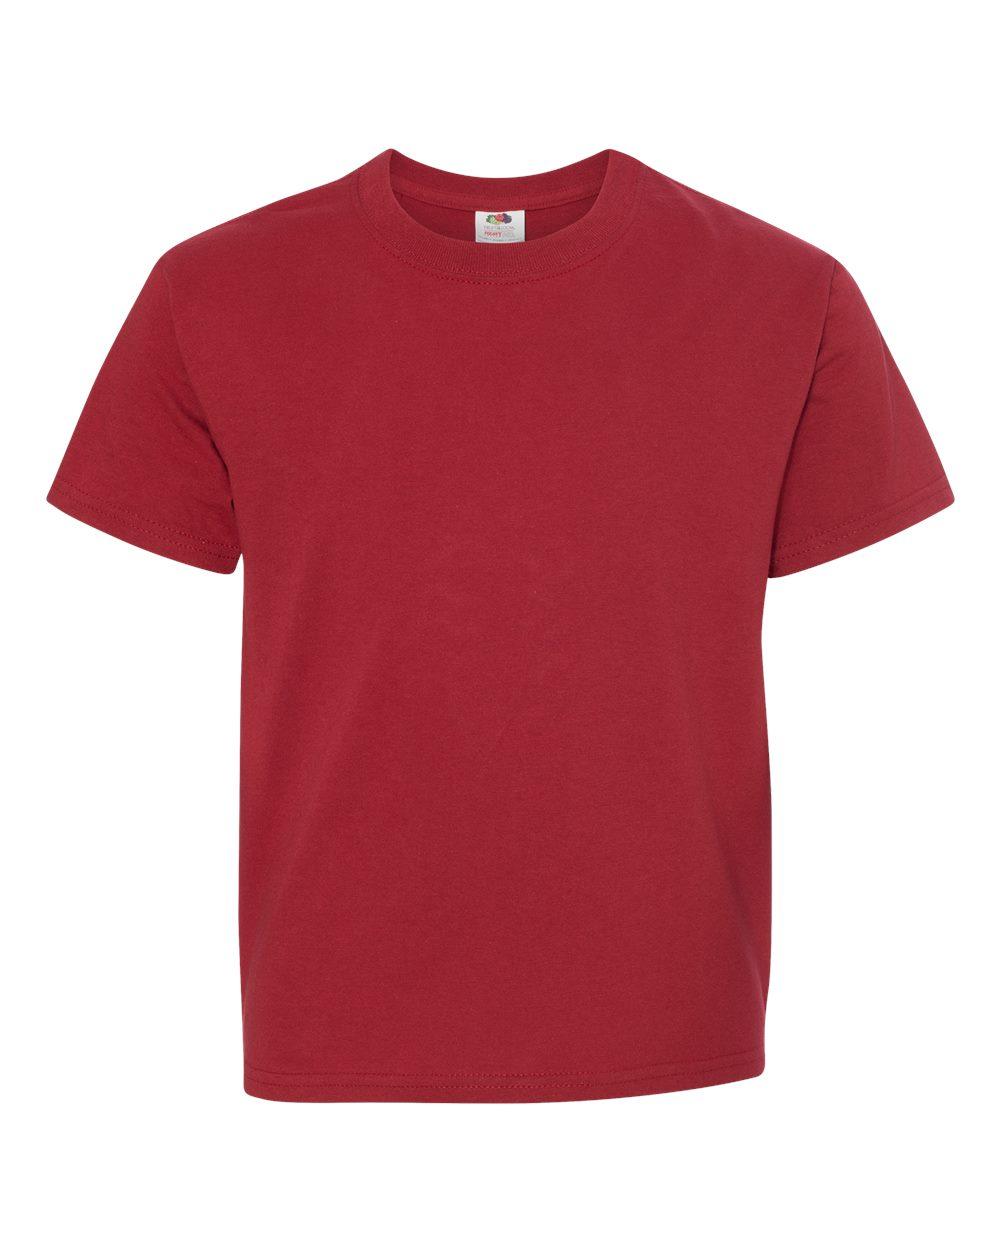 click to view Crimson